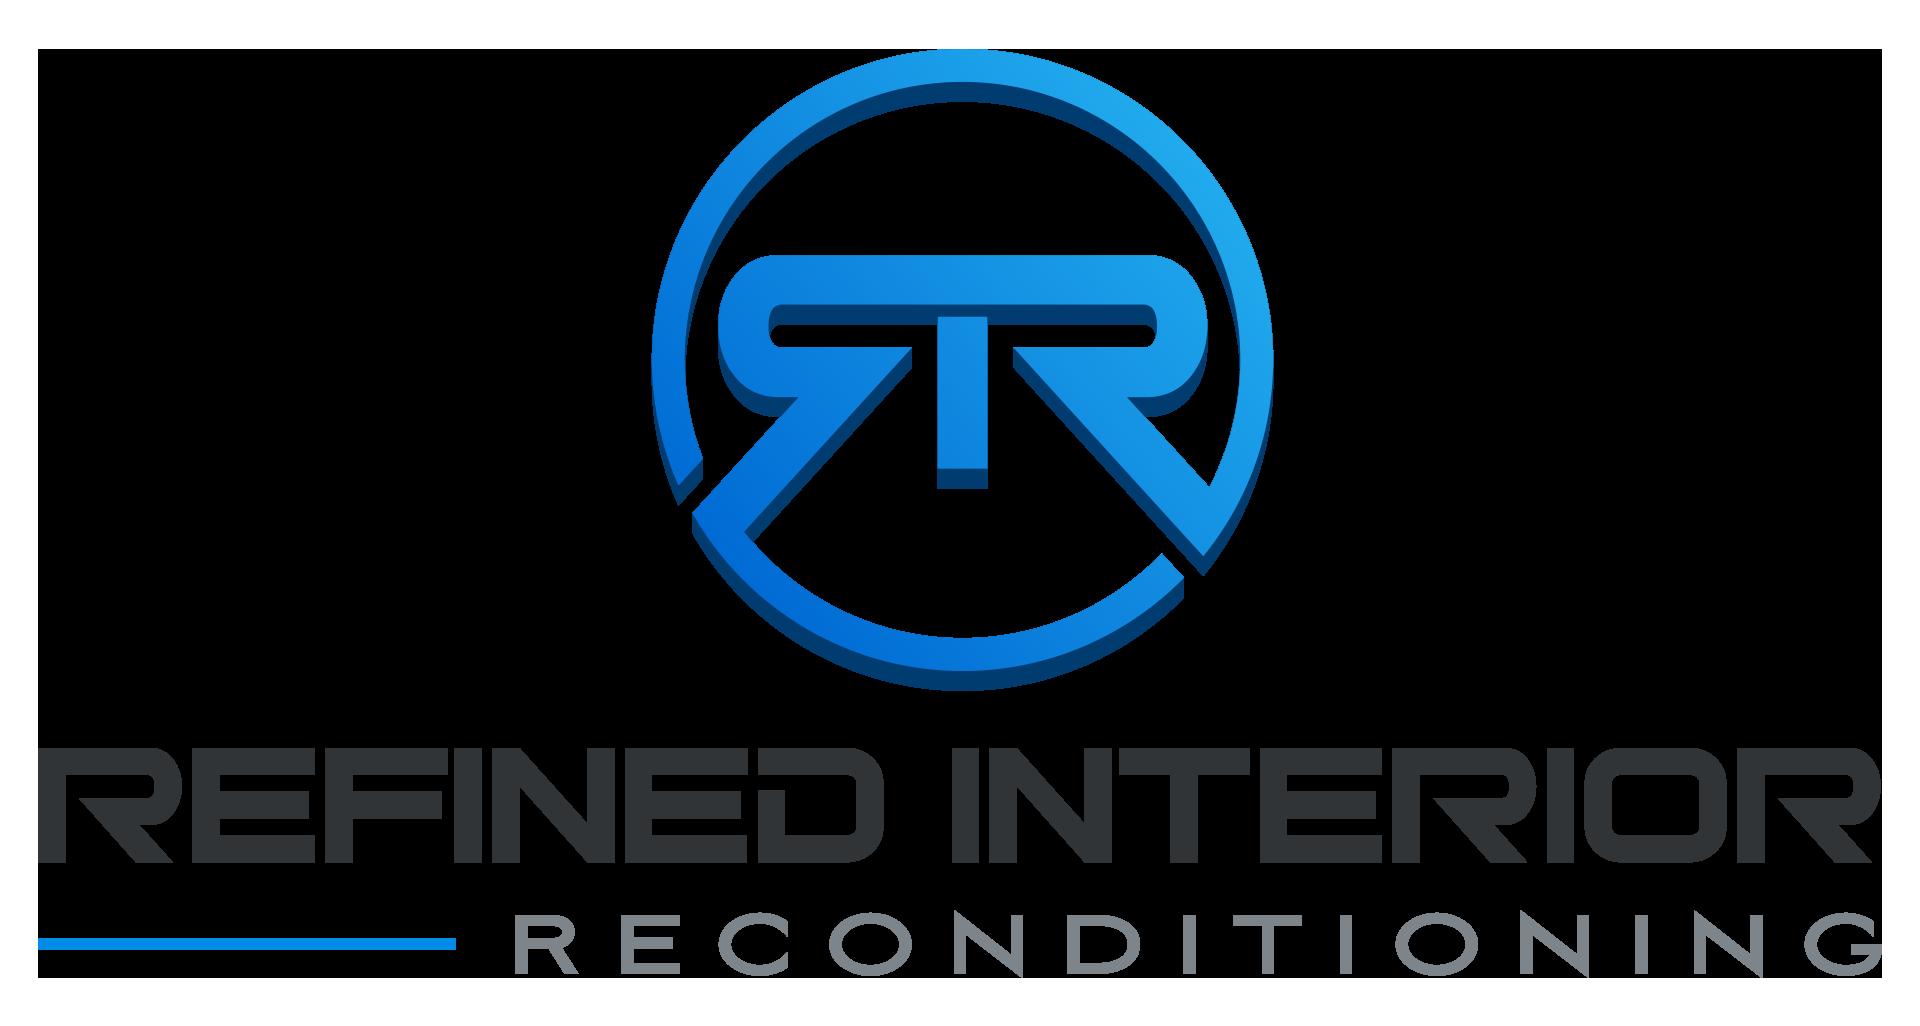 rir-logos-stacked